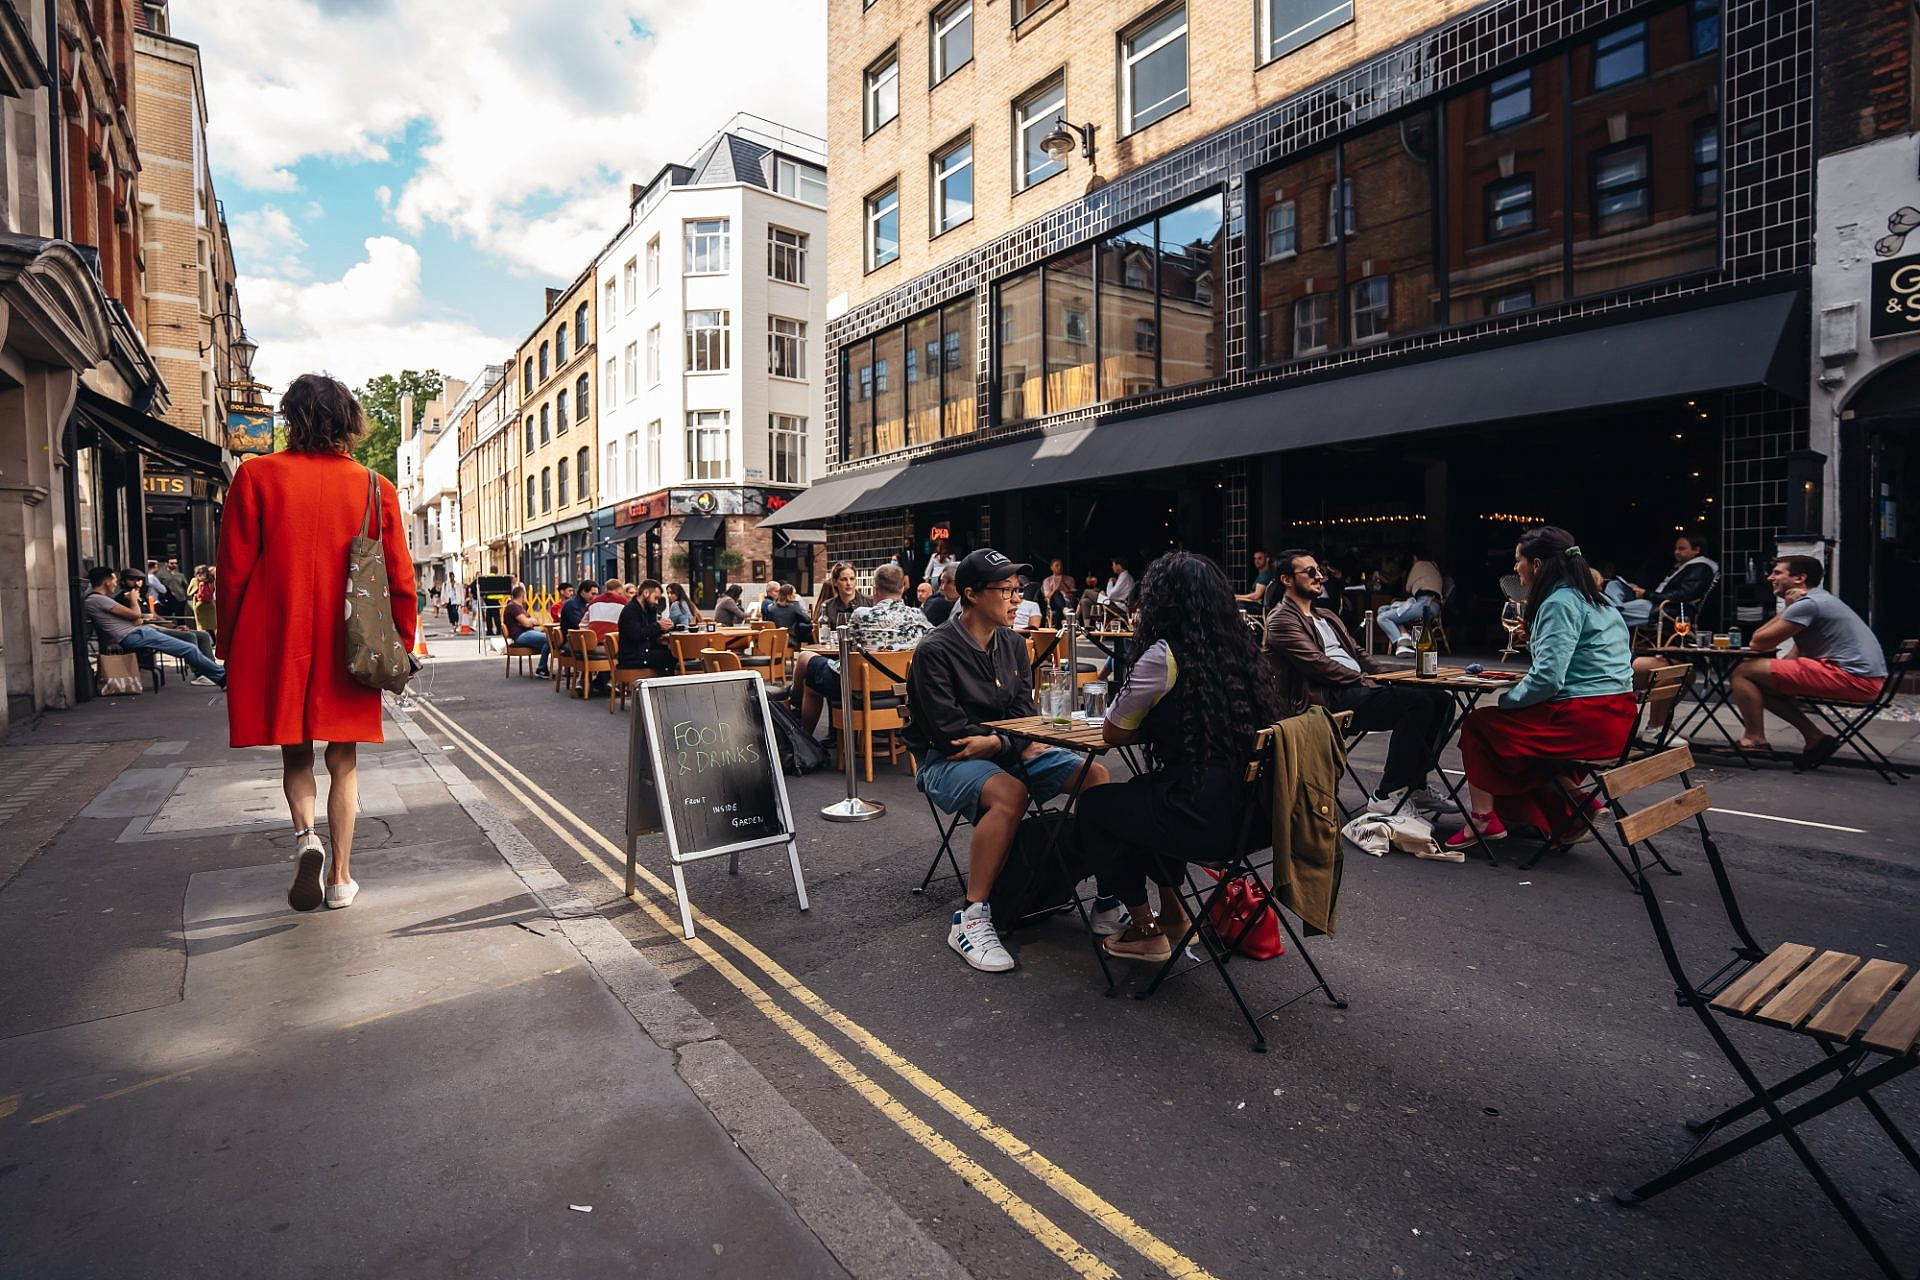 נו, לא דומה קצת למדרחוב הטקטי בנחלת בנימין? הסוהו בלונדון (צילום: סנדור שמוטקו\שאטרסטוק)